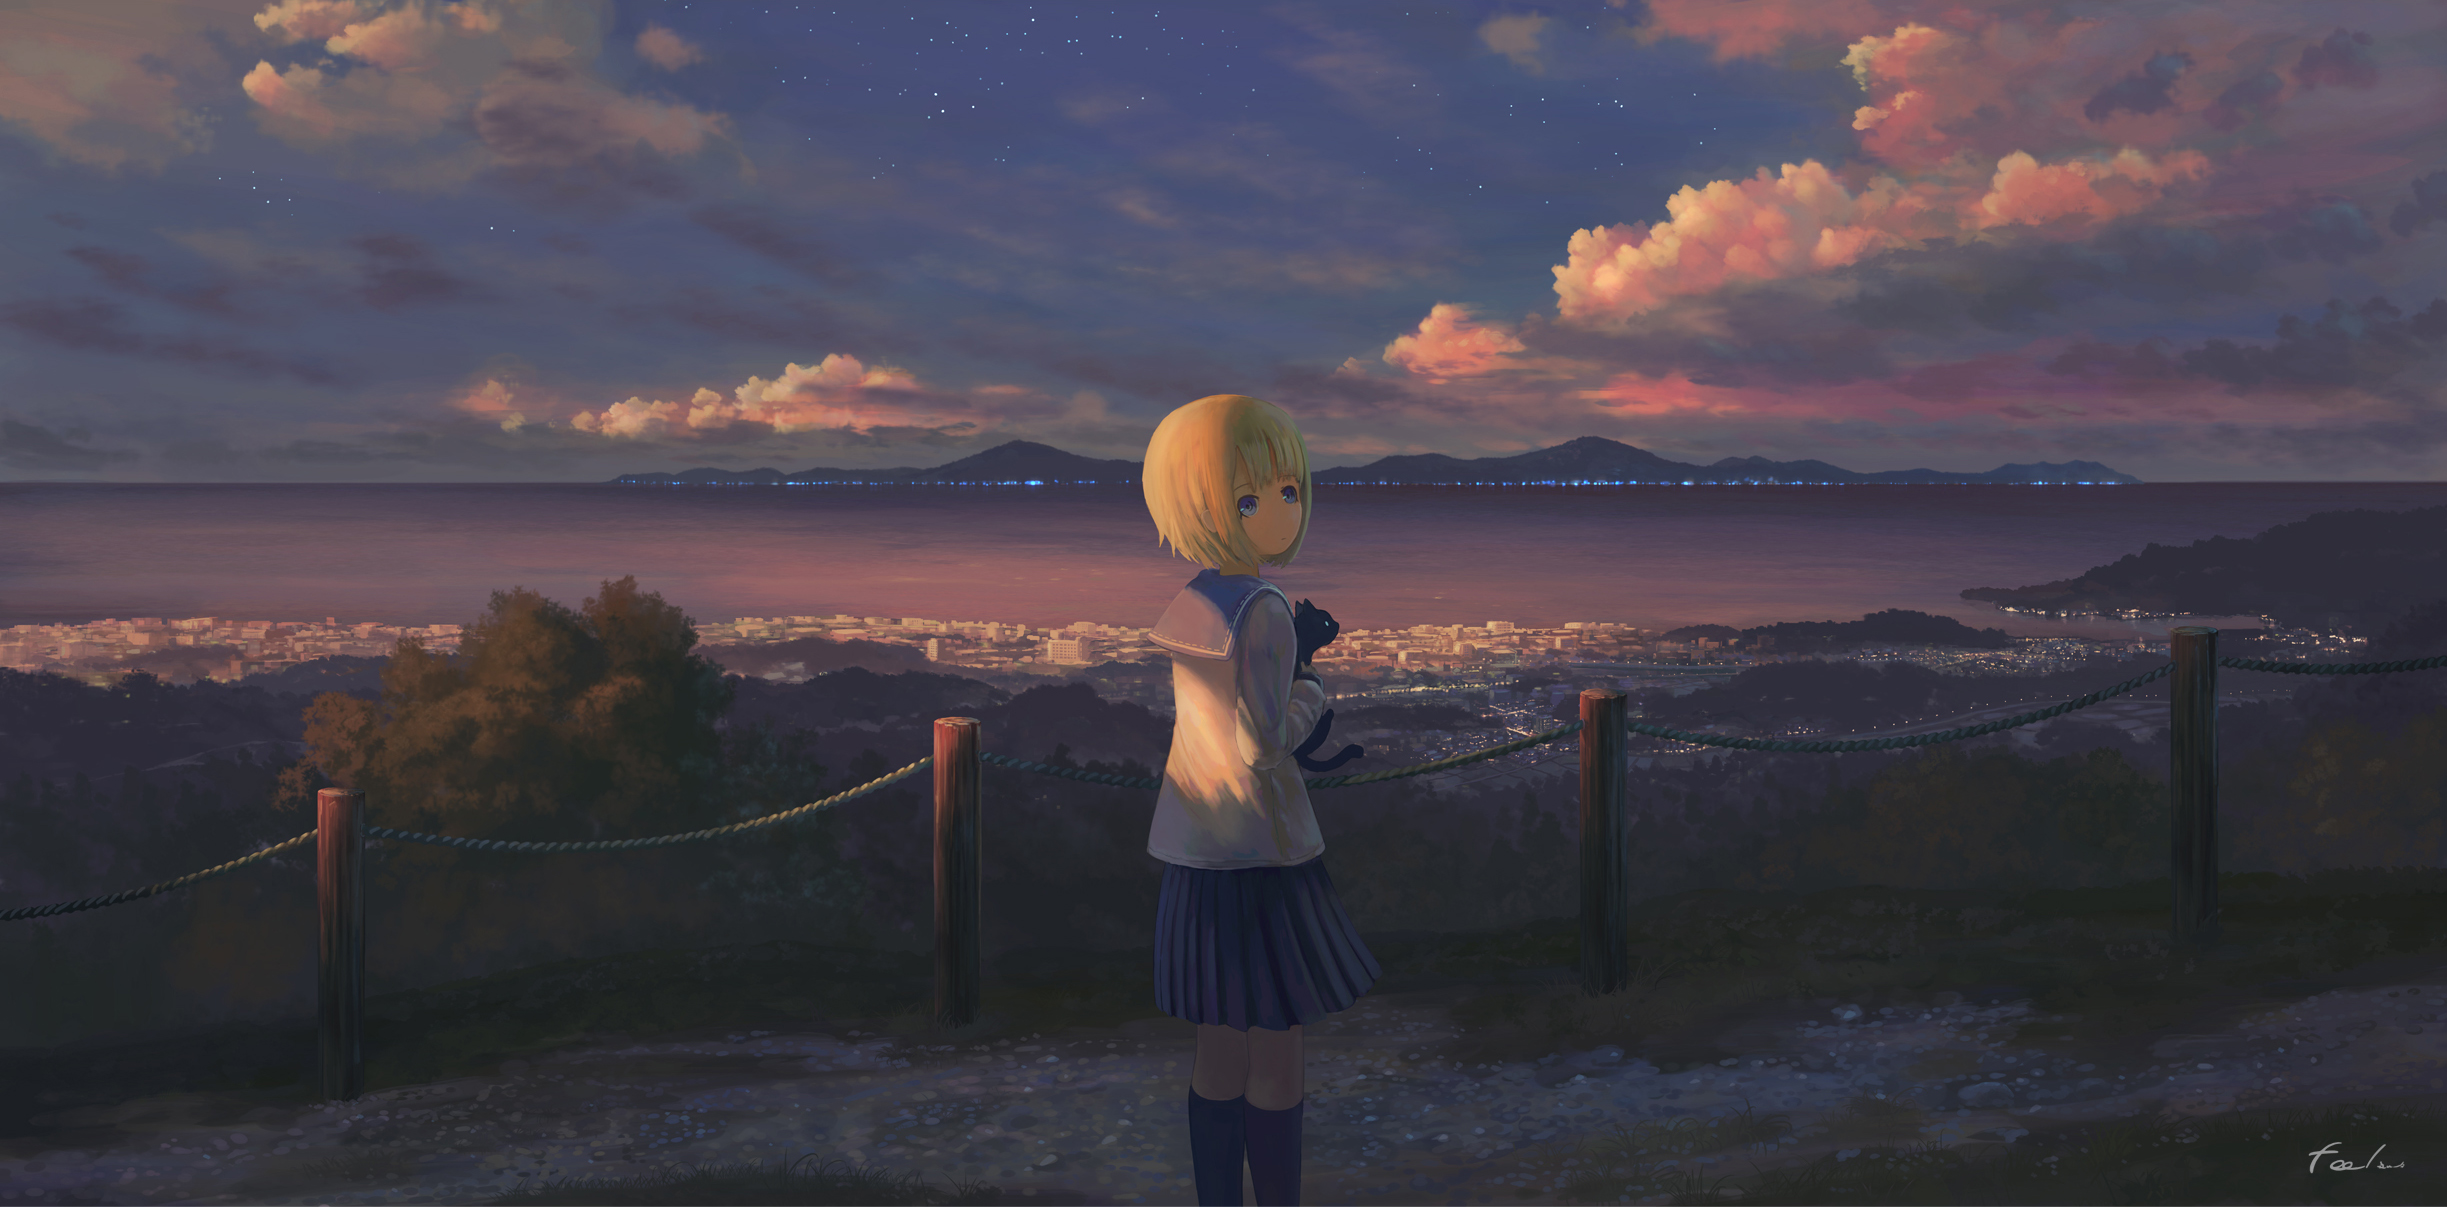 Hình ảnh Anime cô gái cô đơn